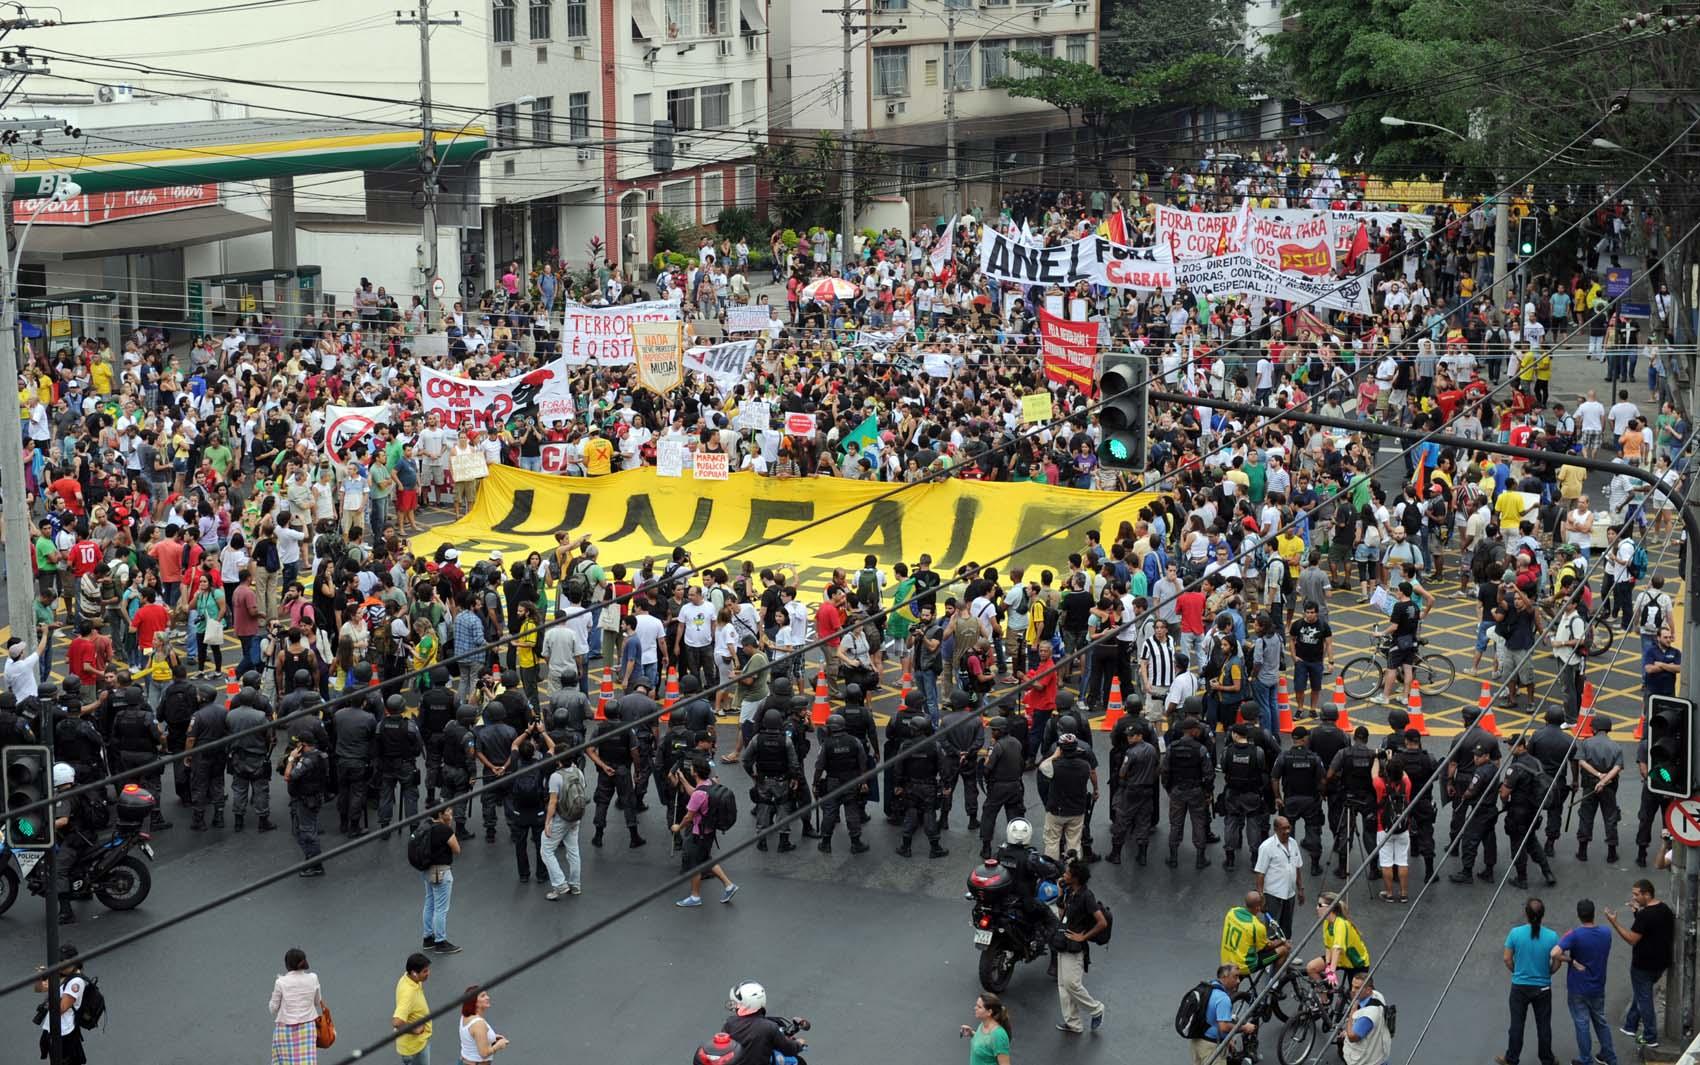 Polícia Militar antecipou o cerco no entorno do estádio do Maracanã, onde a seleção brasileira enfrenta a Espanha pela final da Copa das Confederações neste domingo. Manifestantes pedem a não privatização do Maracanã.